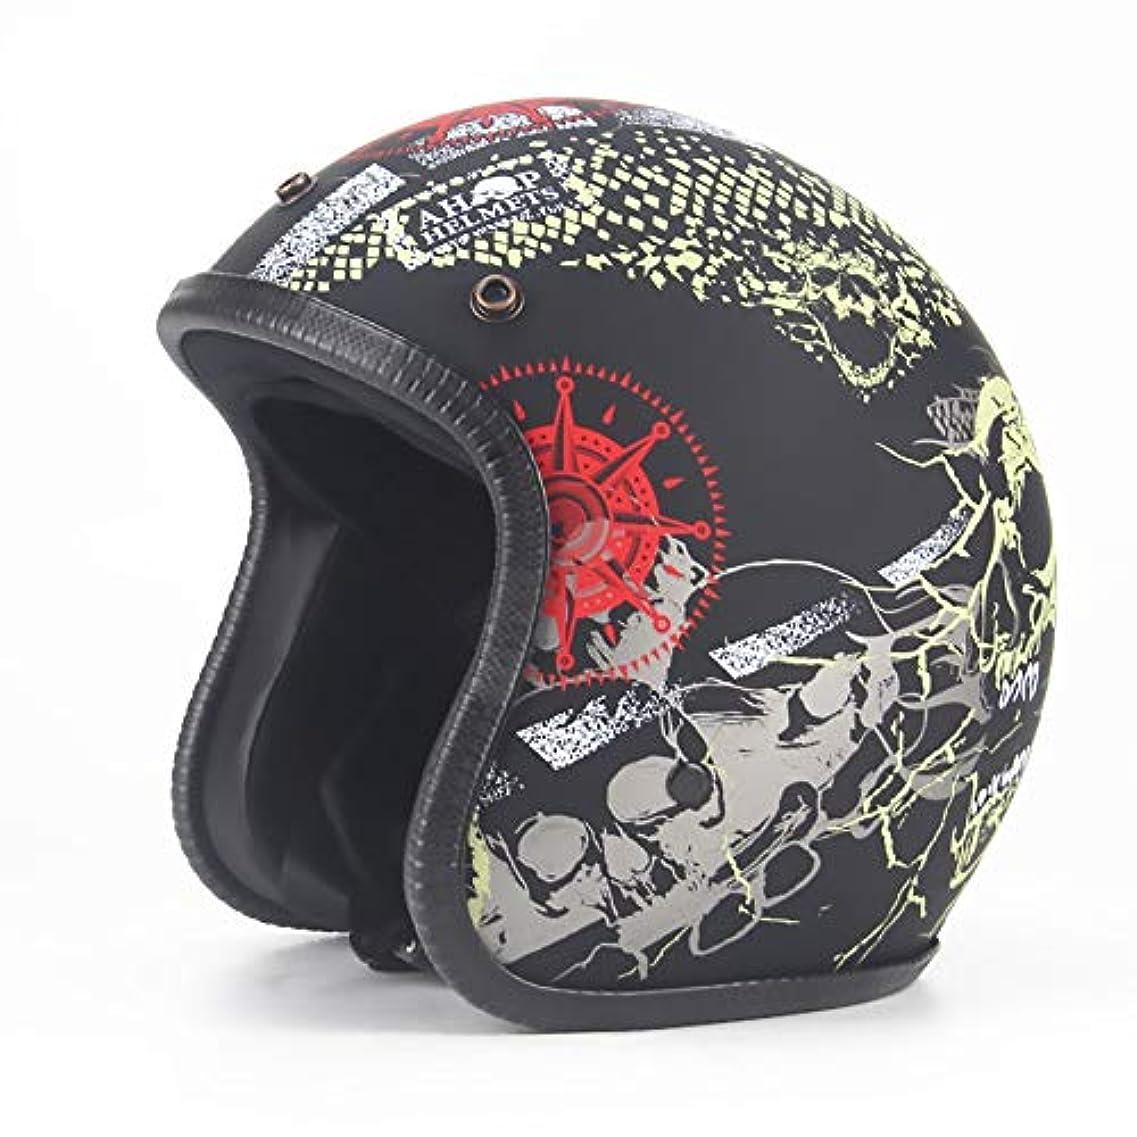 健康完了崇拝しますETH クールパターンレトロヘルメットパーソナリティヘルメットオートバイヘルメット電気自動車3/4ハーフヘルメット四季ユニバーサル 保護 (Size : L)